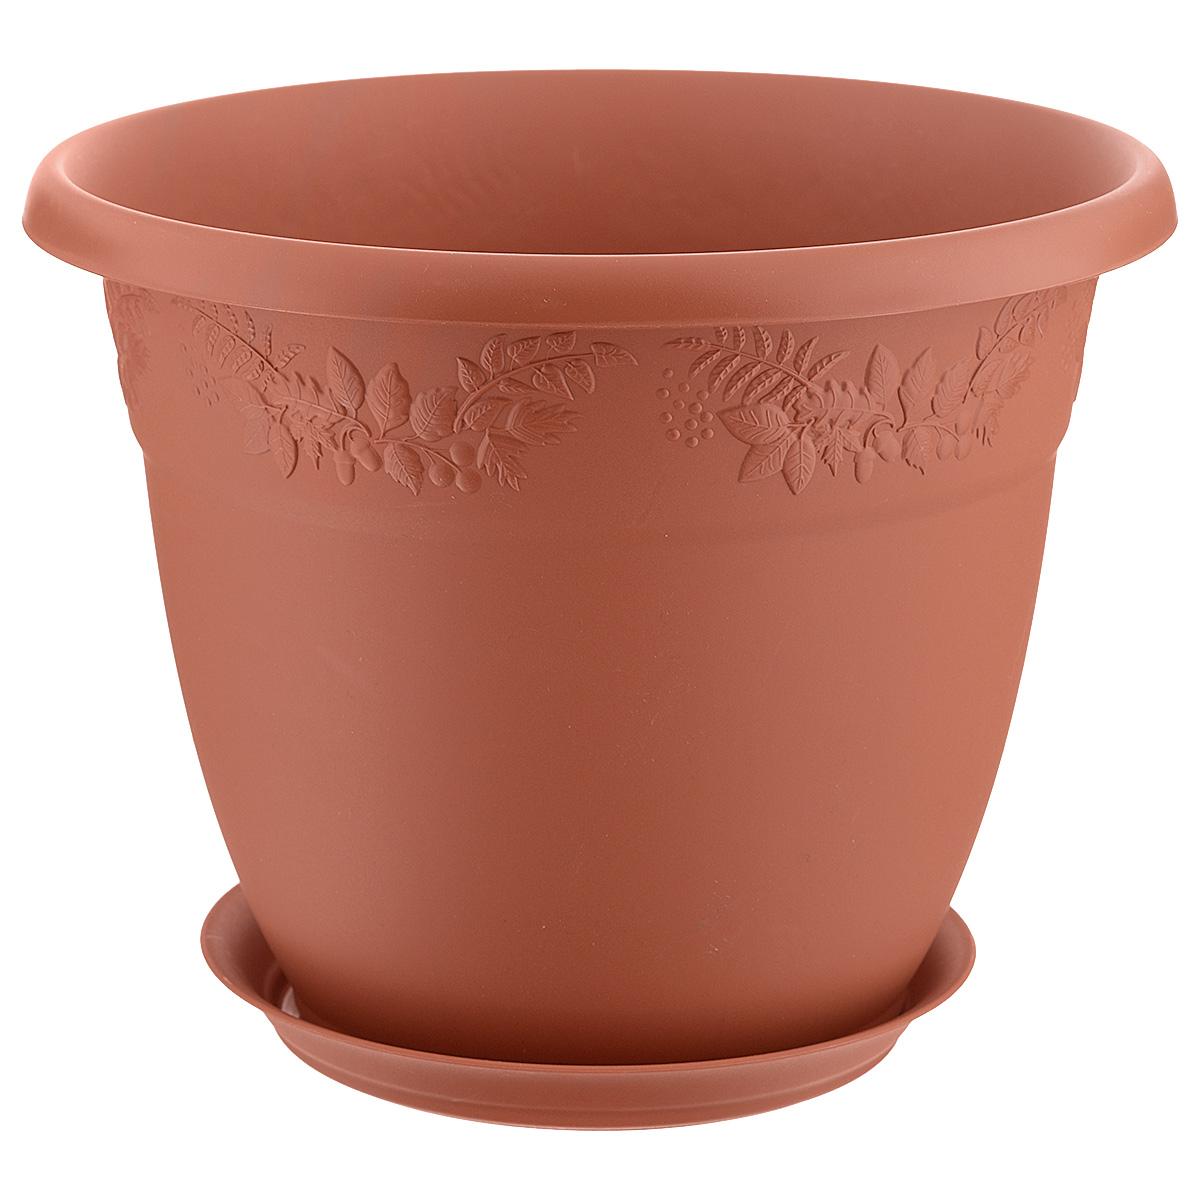 Кашпо Idea Рябина, с поддоном, цвет: терракотовый, 3,6 л531-304Кашпо Idea Рябина изготовлено из высококачественного полипропилена (пластика). Специальный поддон предназначен для стока воды. Изделие прекрасно подходит для выращивания растений и цветов в домашних условиях. Лаконичный дизайн впишется в интерьер любого помещения. Диаметр поддона: 15 см. Объем кашпо: 3,6 л.Диаметр кашпо по верхнему краю: 22 см.Высота кашпо: 17,5 см.